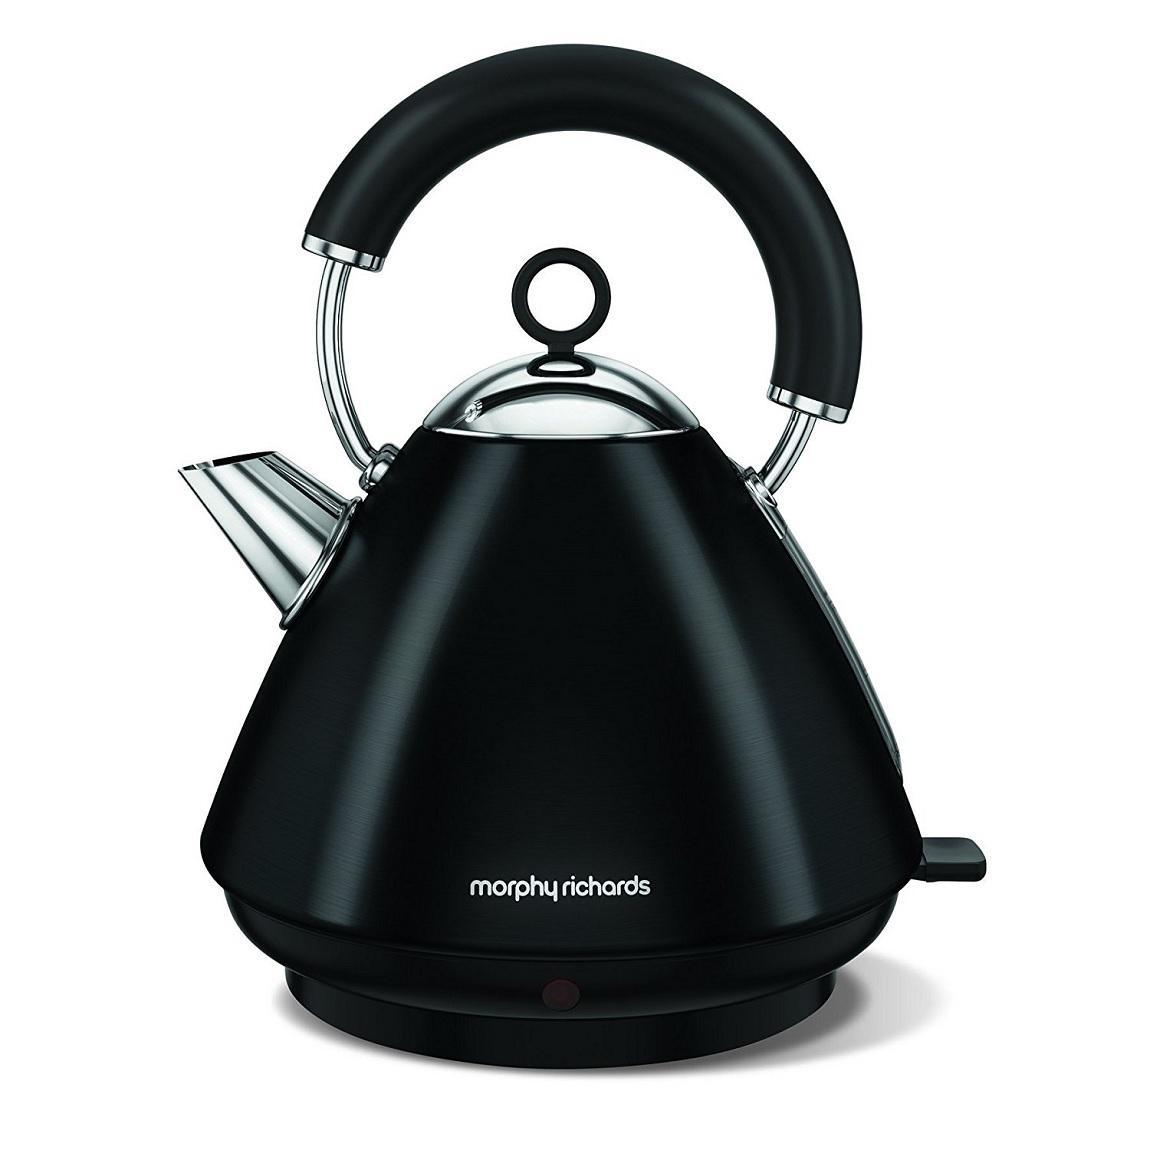 morphy-richards-102030-black-kettle.jpg